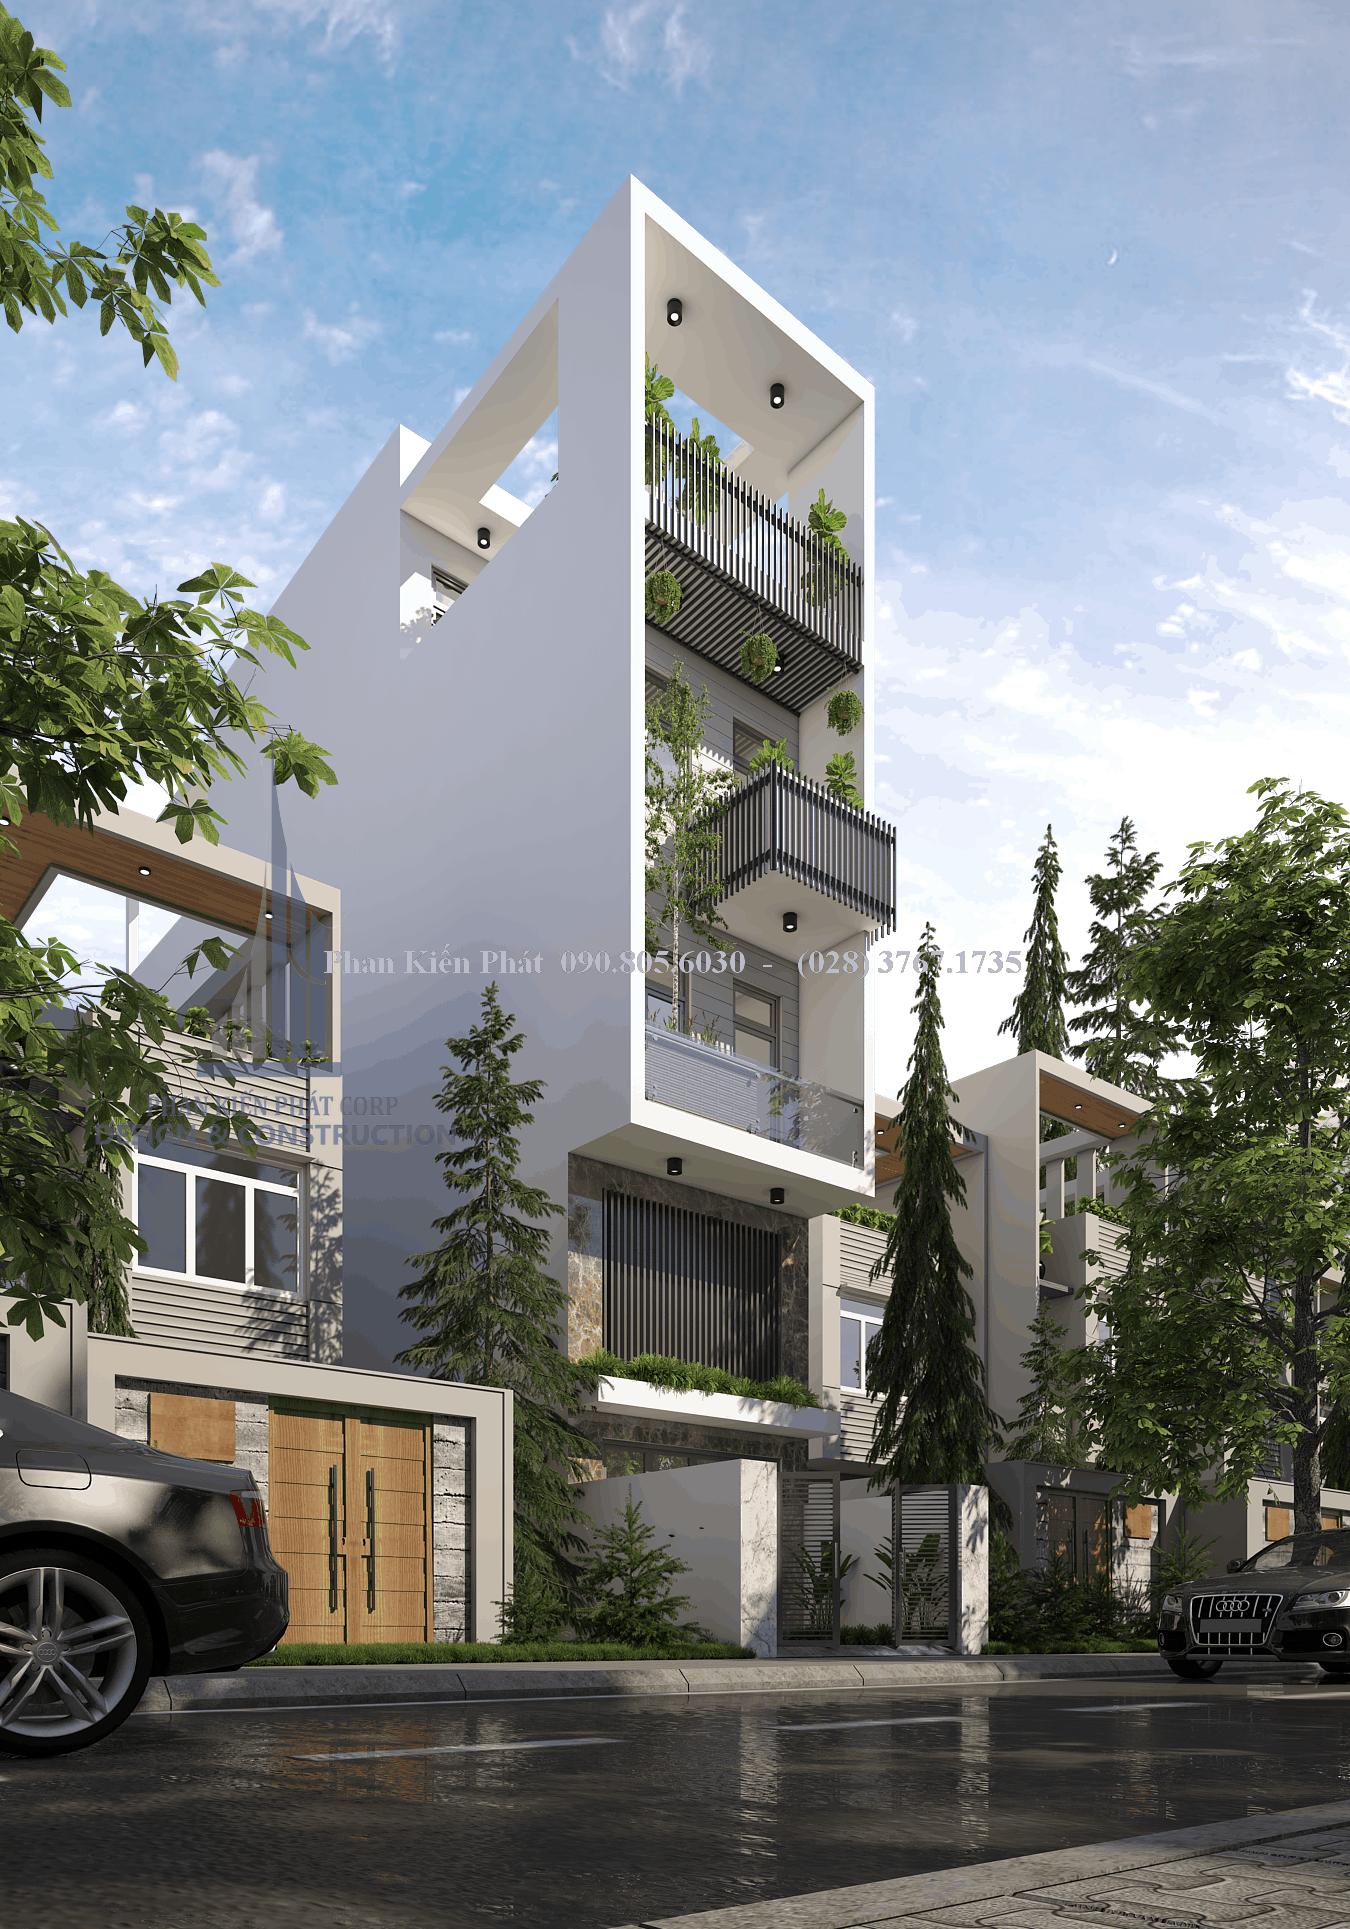 Mẫu thiết kế nhà phố 5 tầng mặt tiền 4m kết hợp kinh doanh view 2